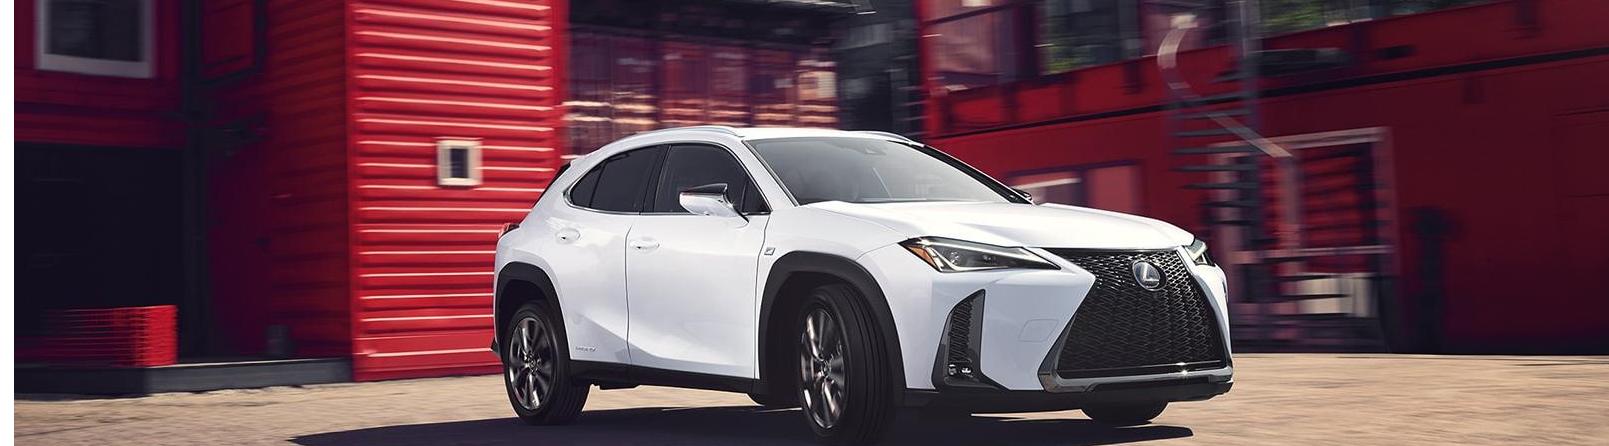 Lexus Luxury Package